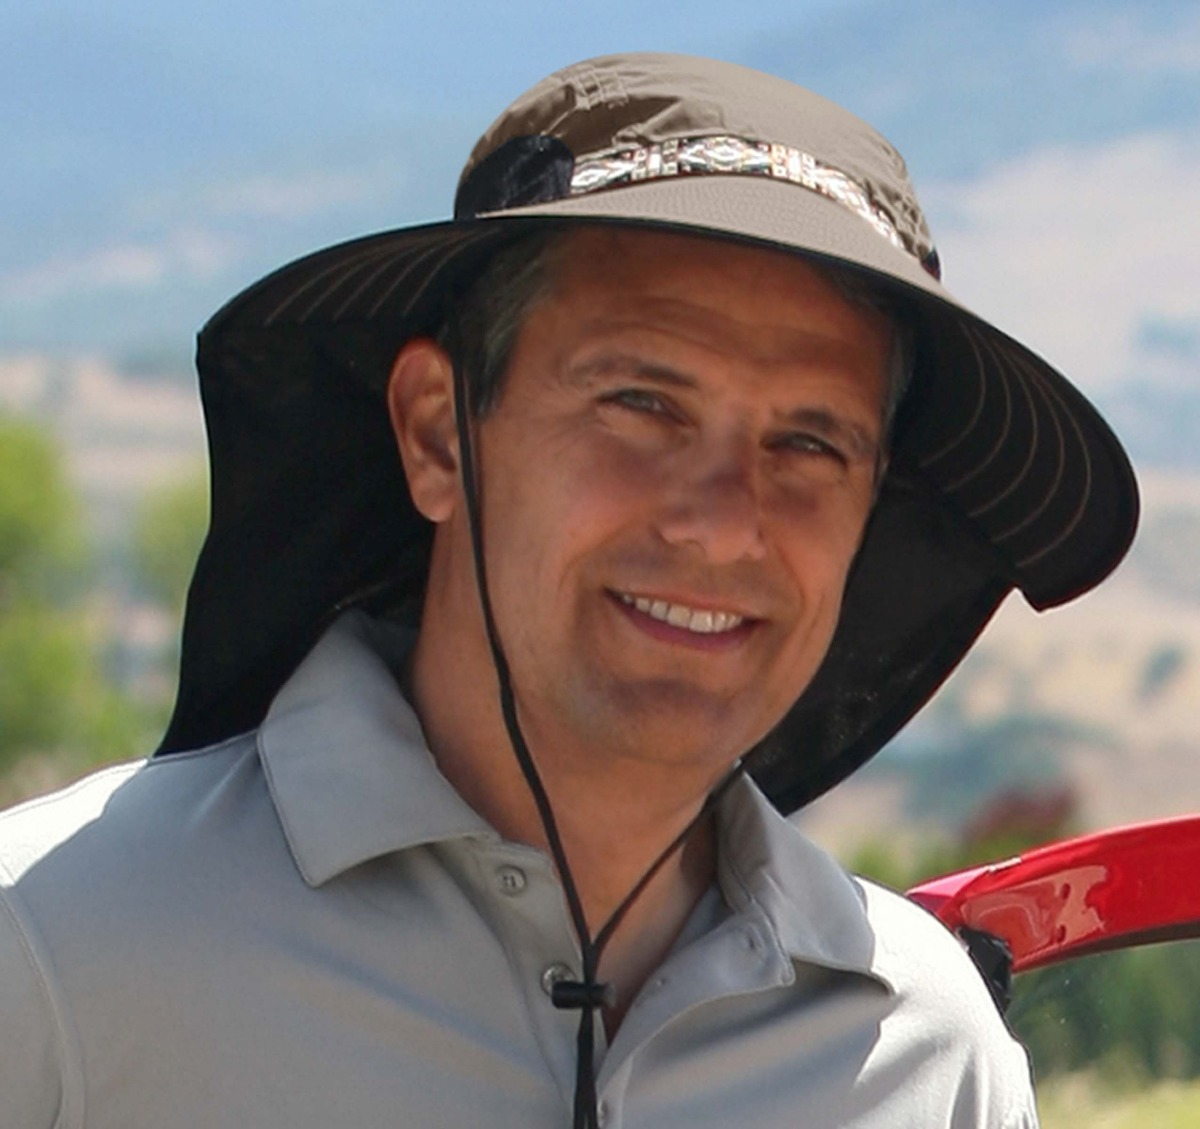 Sombrero Adventure Protección Upf 50+ Caza ec043d7c721